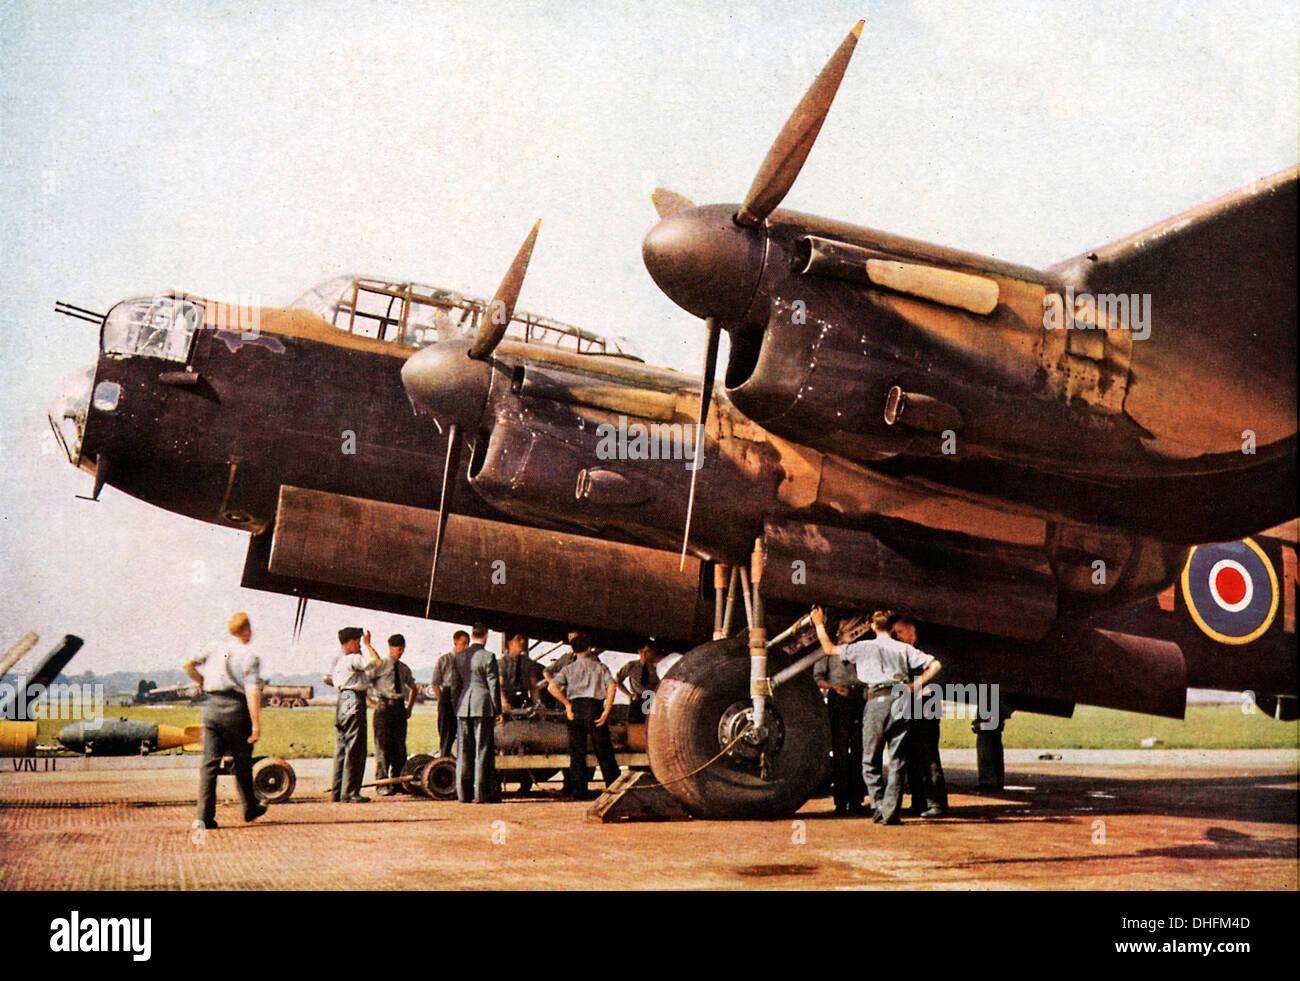 Carga de un bombardero Lancaster, 1942 Fotografía en color de la icónica raf bombardeo bombardero pesado Imagen De Stock